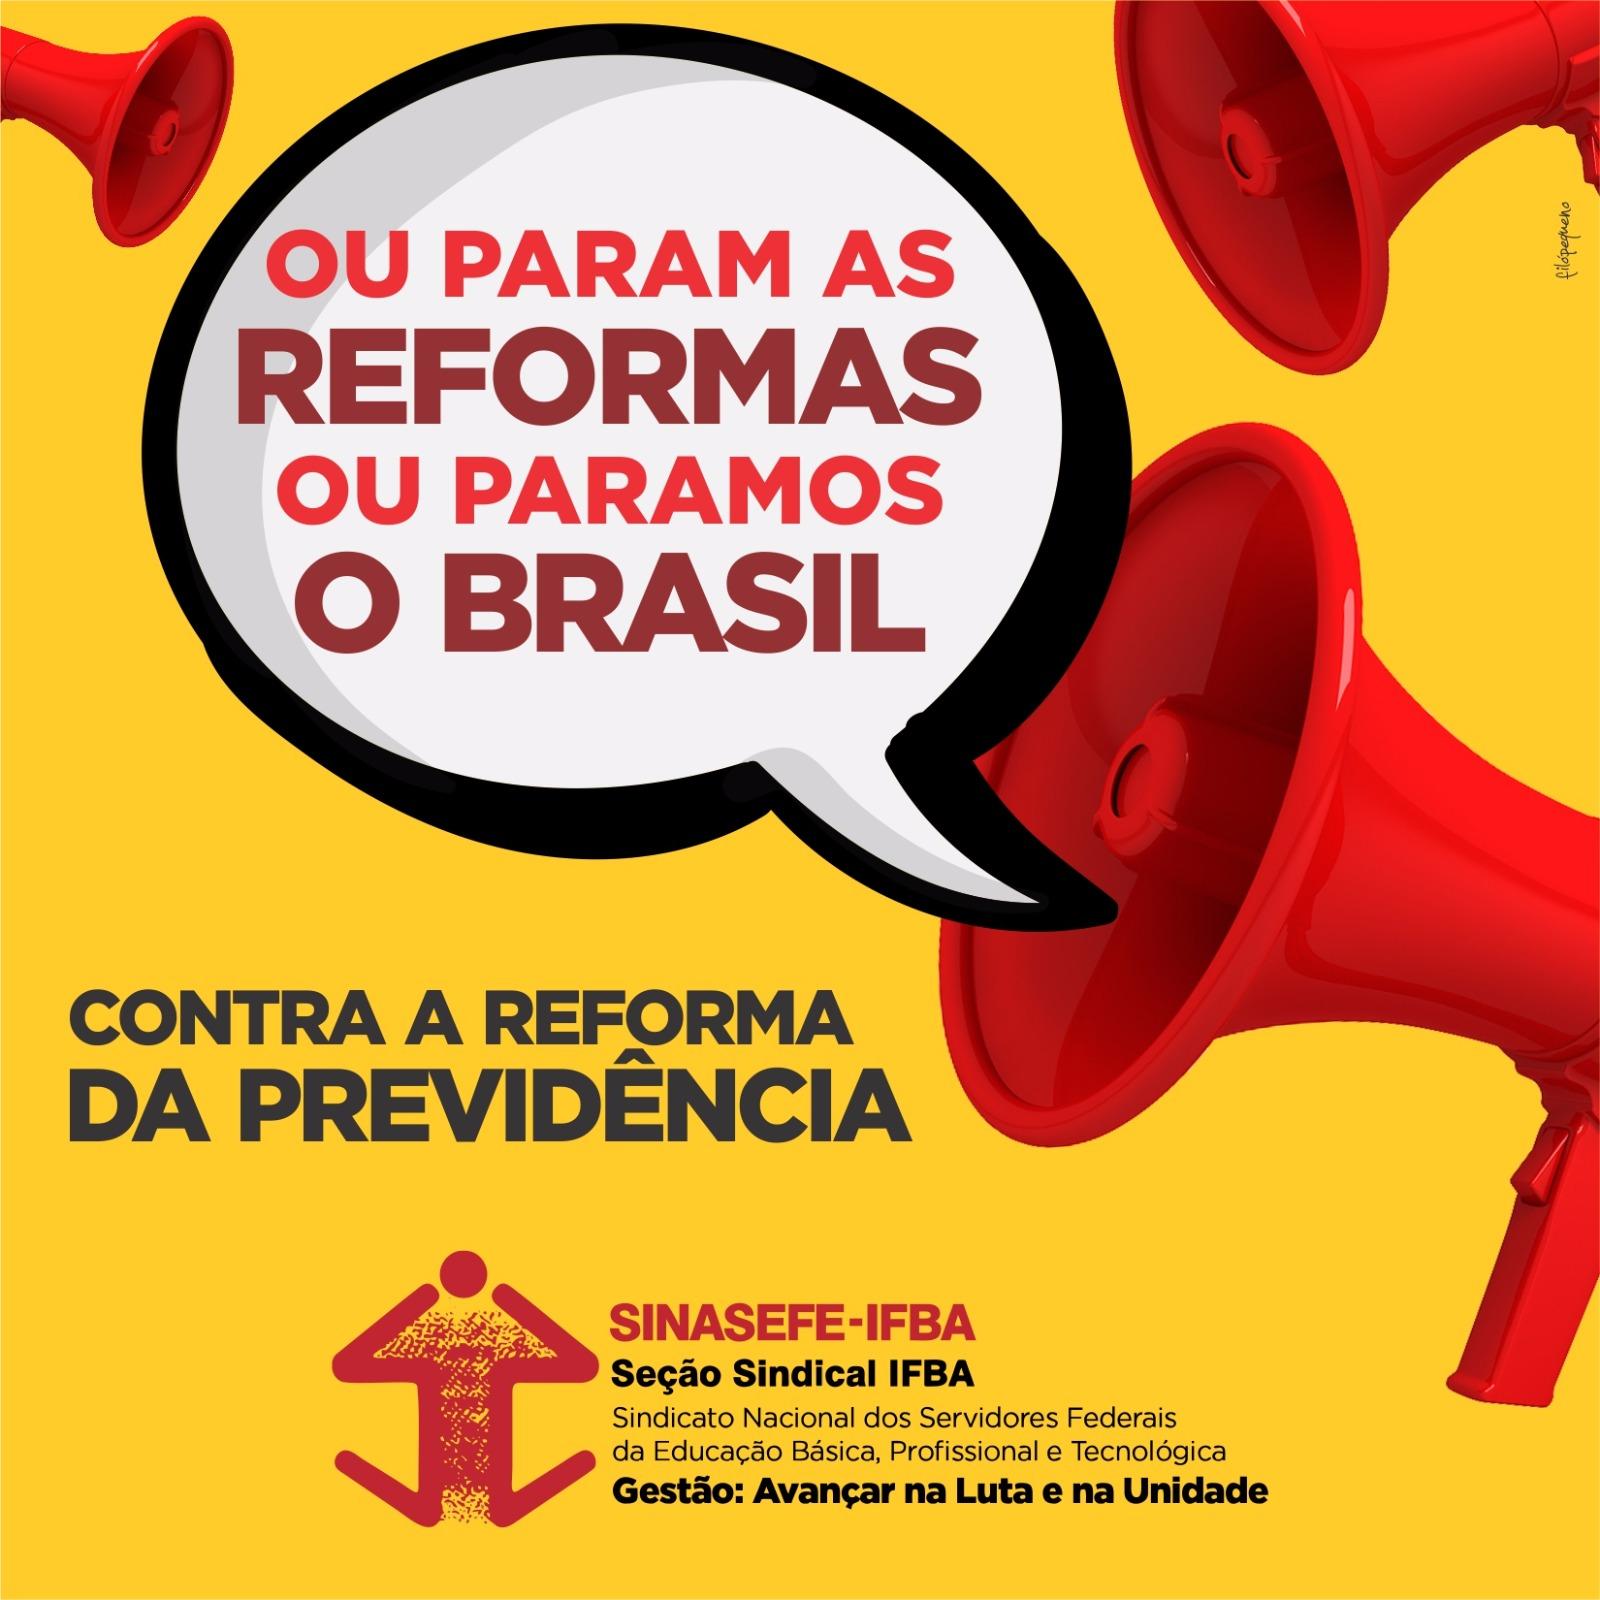 Contra a Reforma da Previdência